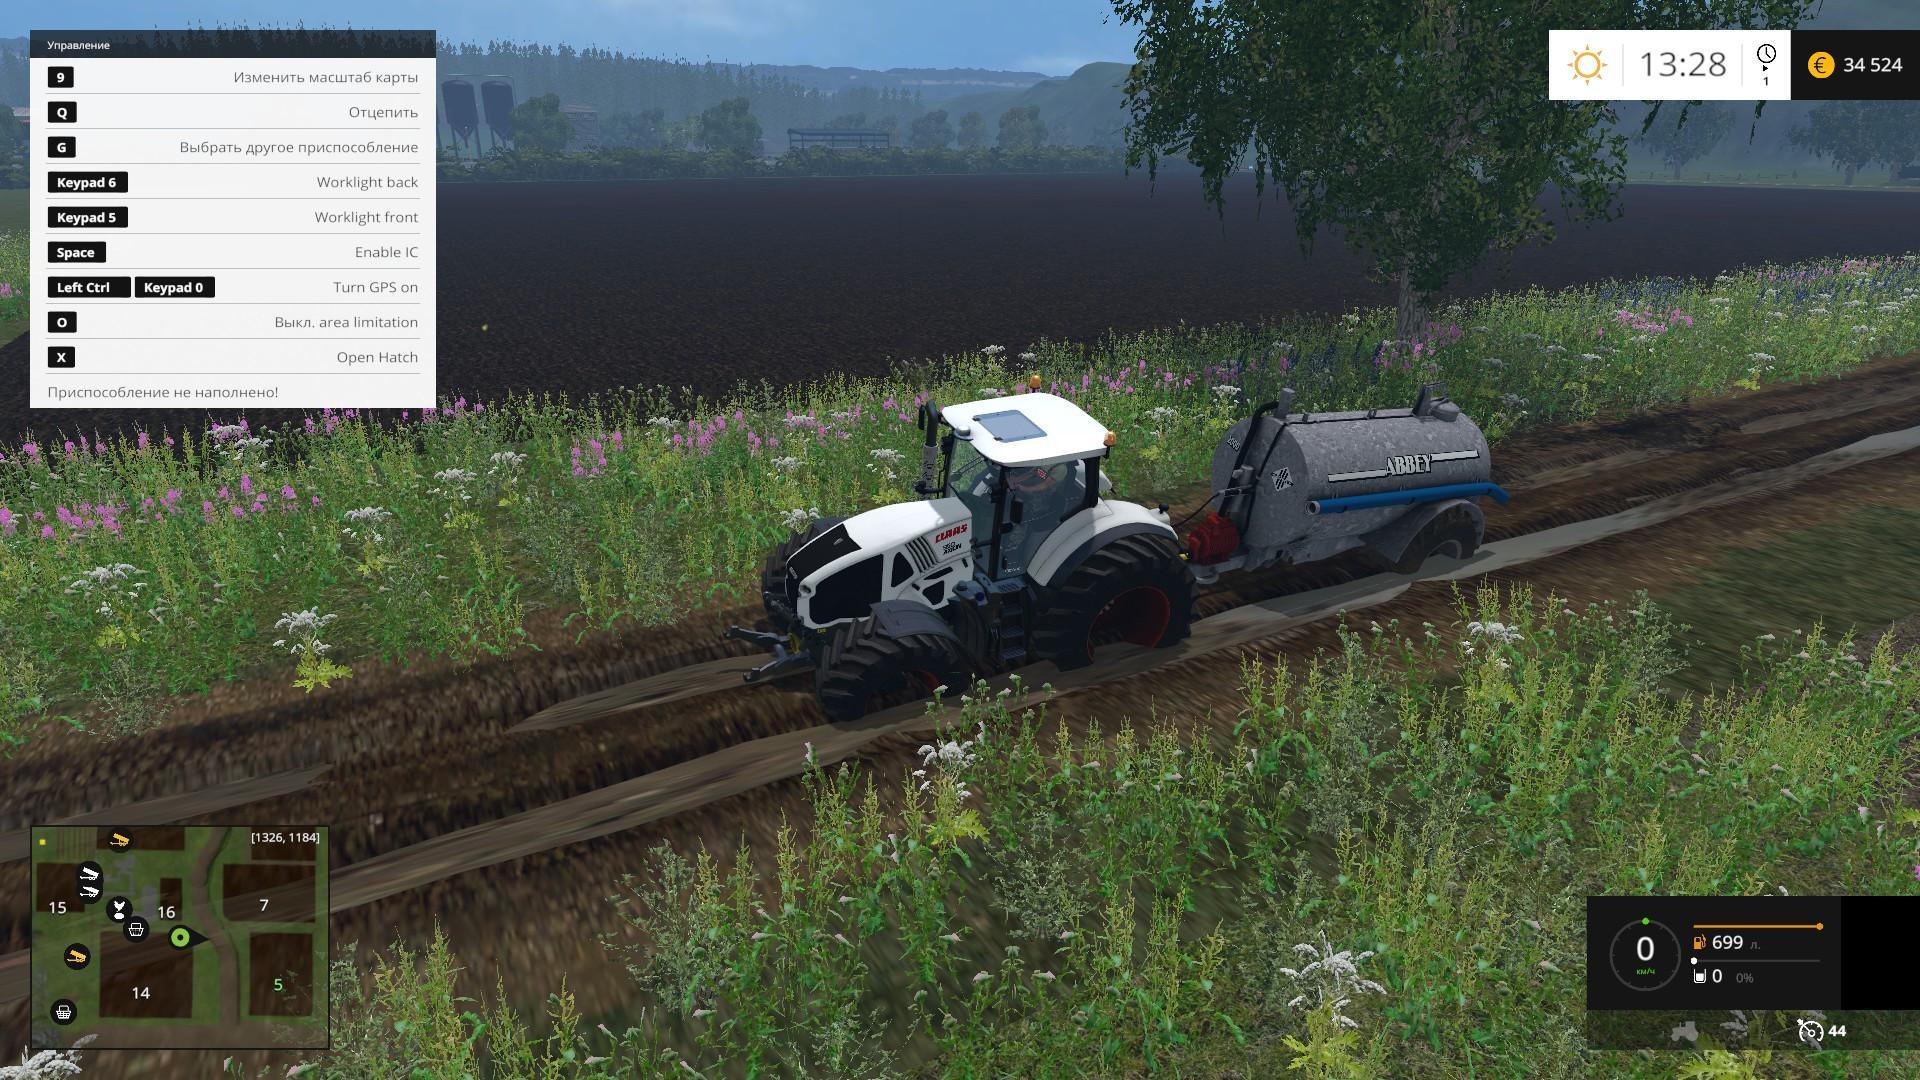 ABBEY 2000R SLURRY TANKER TRAILER V2 0 - Farming simulator 2019